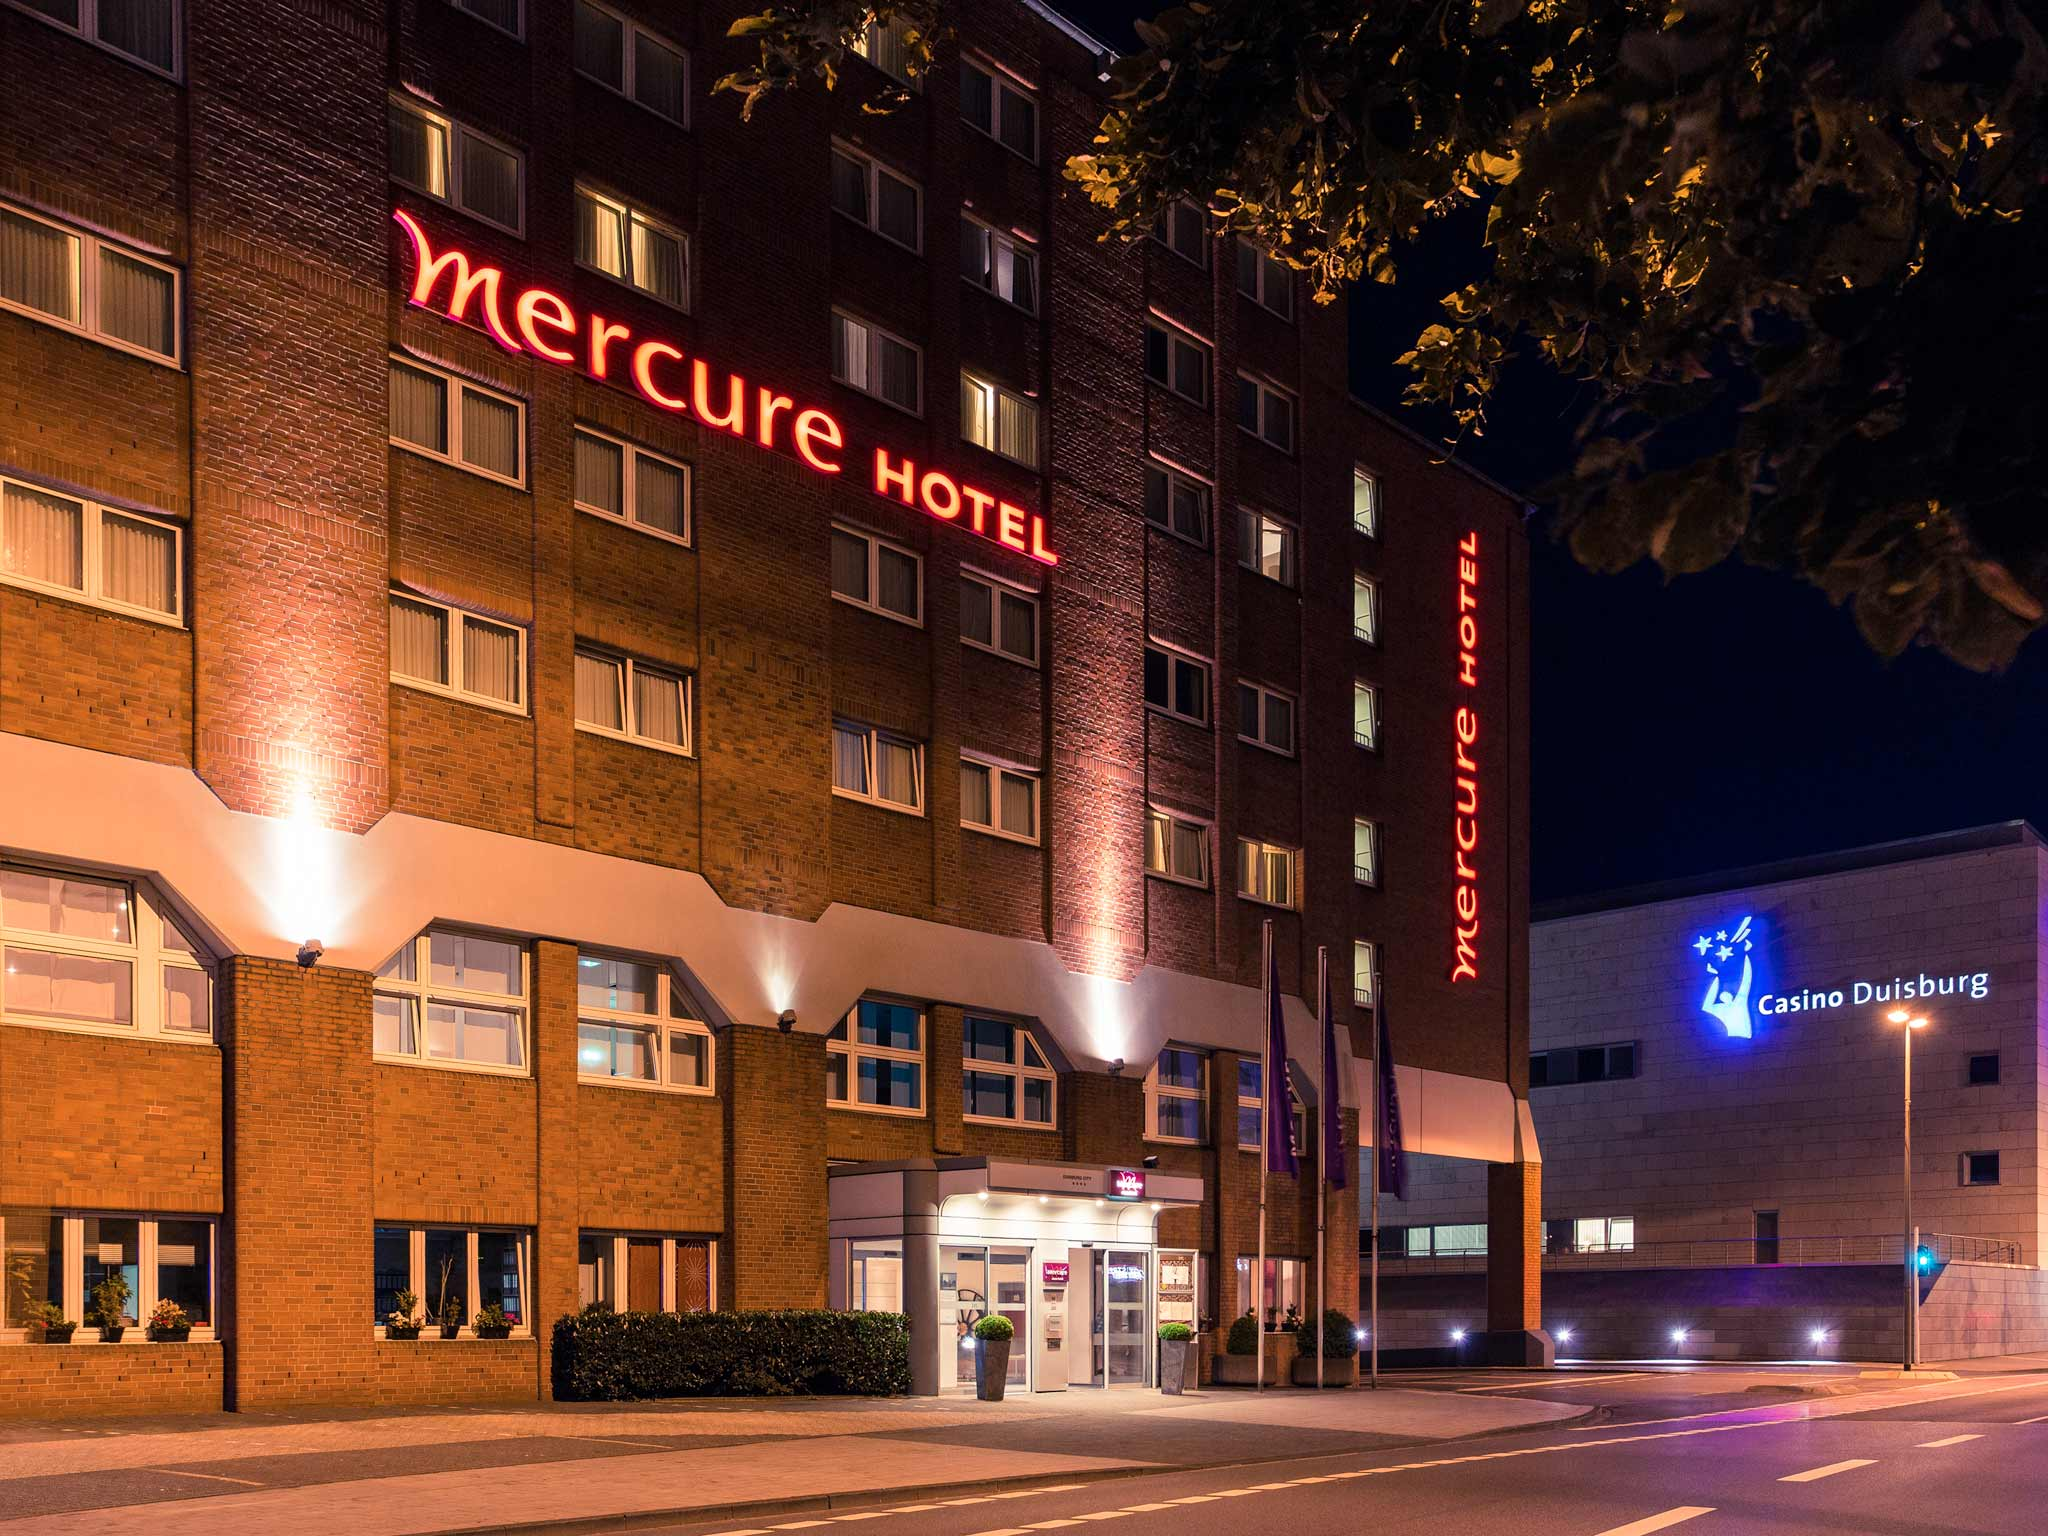 MERCURE DUISBURG